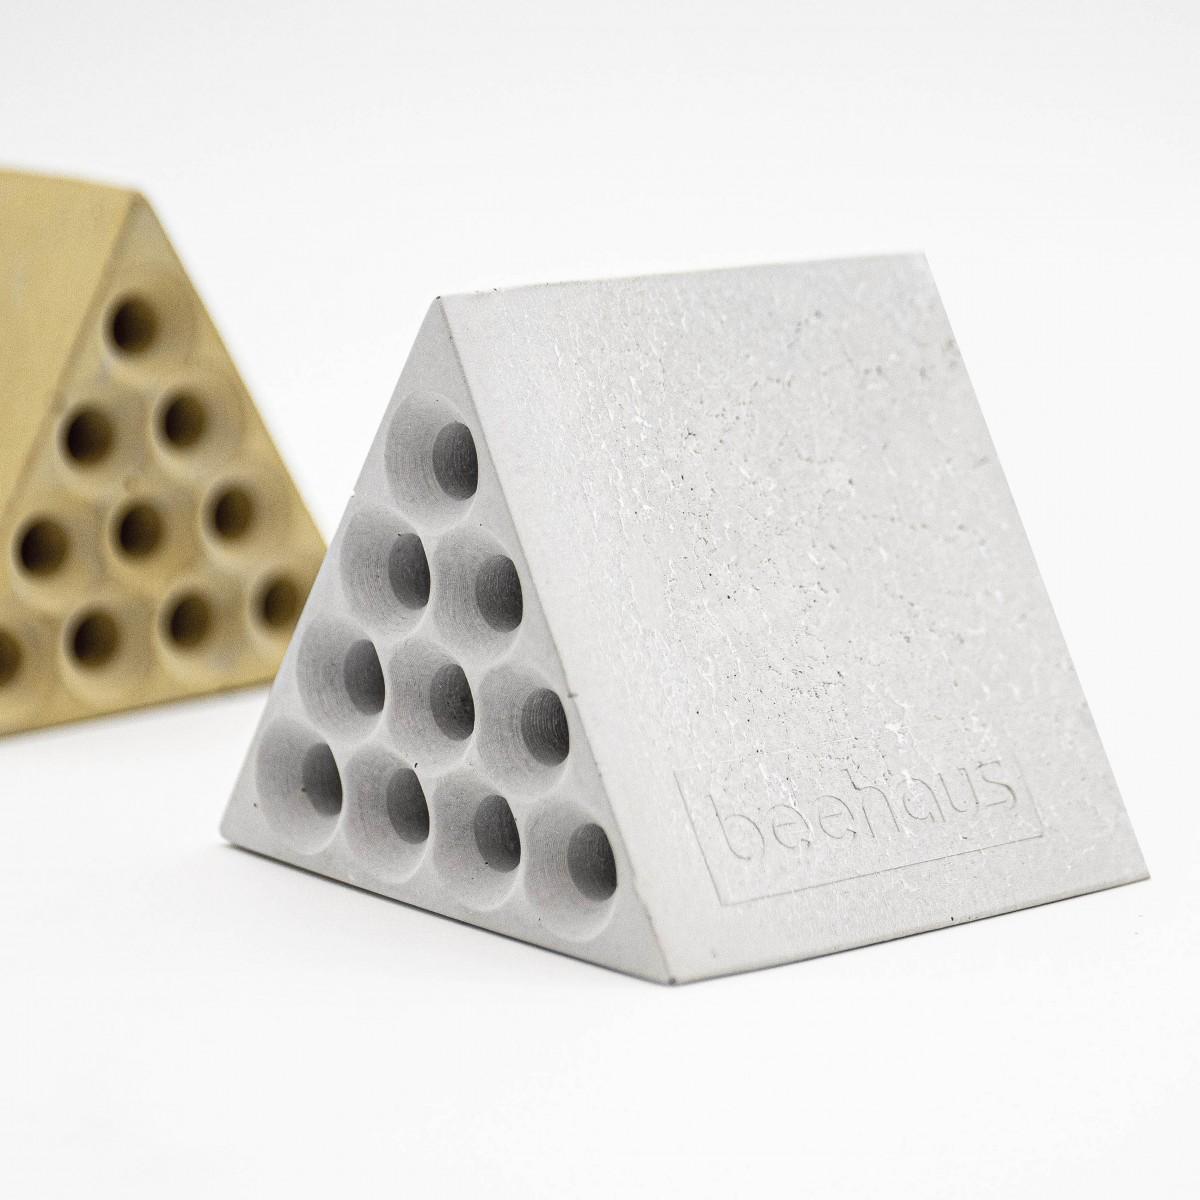 Nisthilfe beehaus (Dreieck) - Bienenhotel aus Beton im Bauhaus-Stil von Grellroth Design